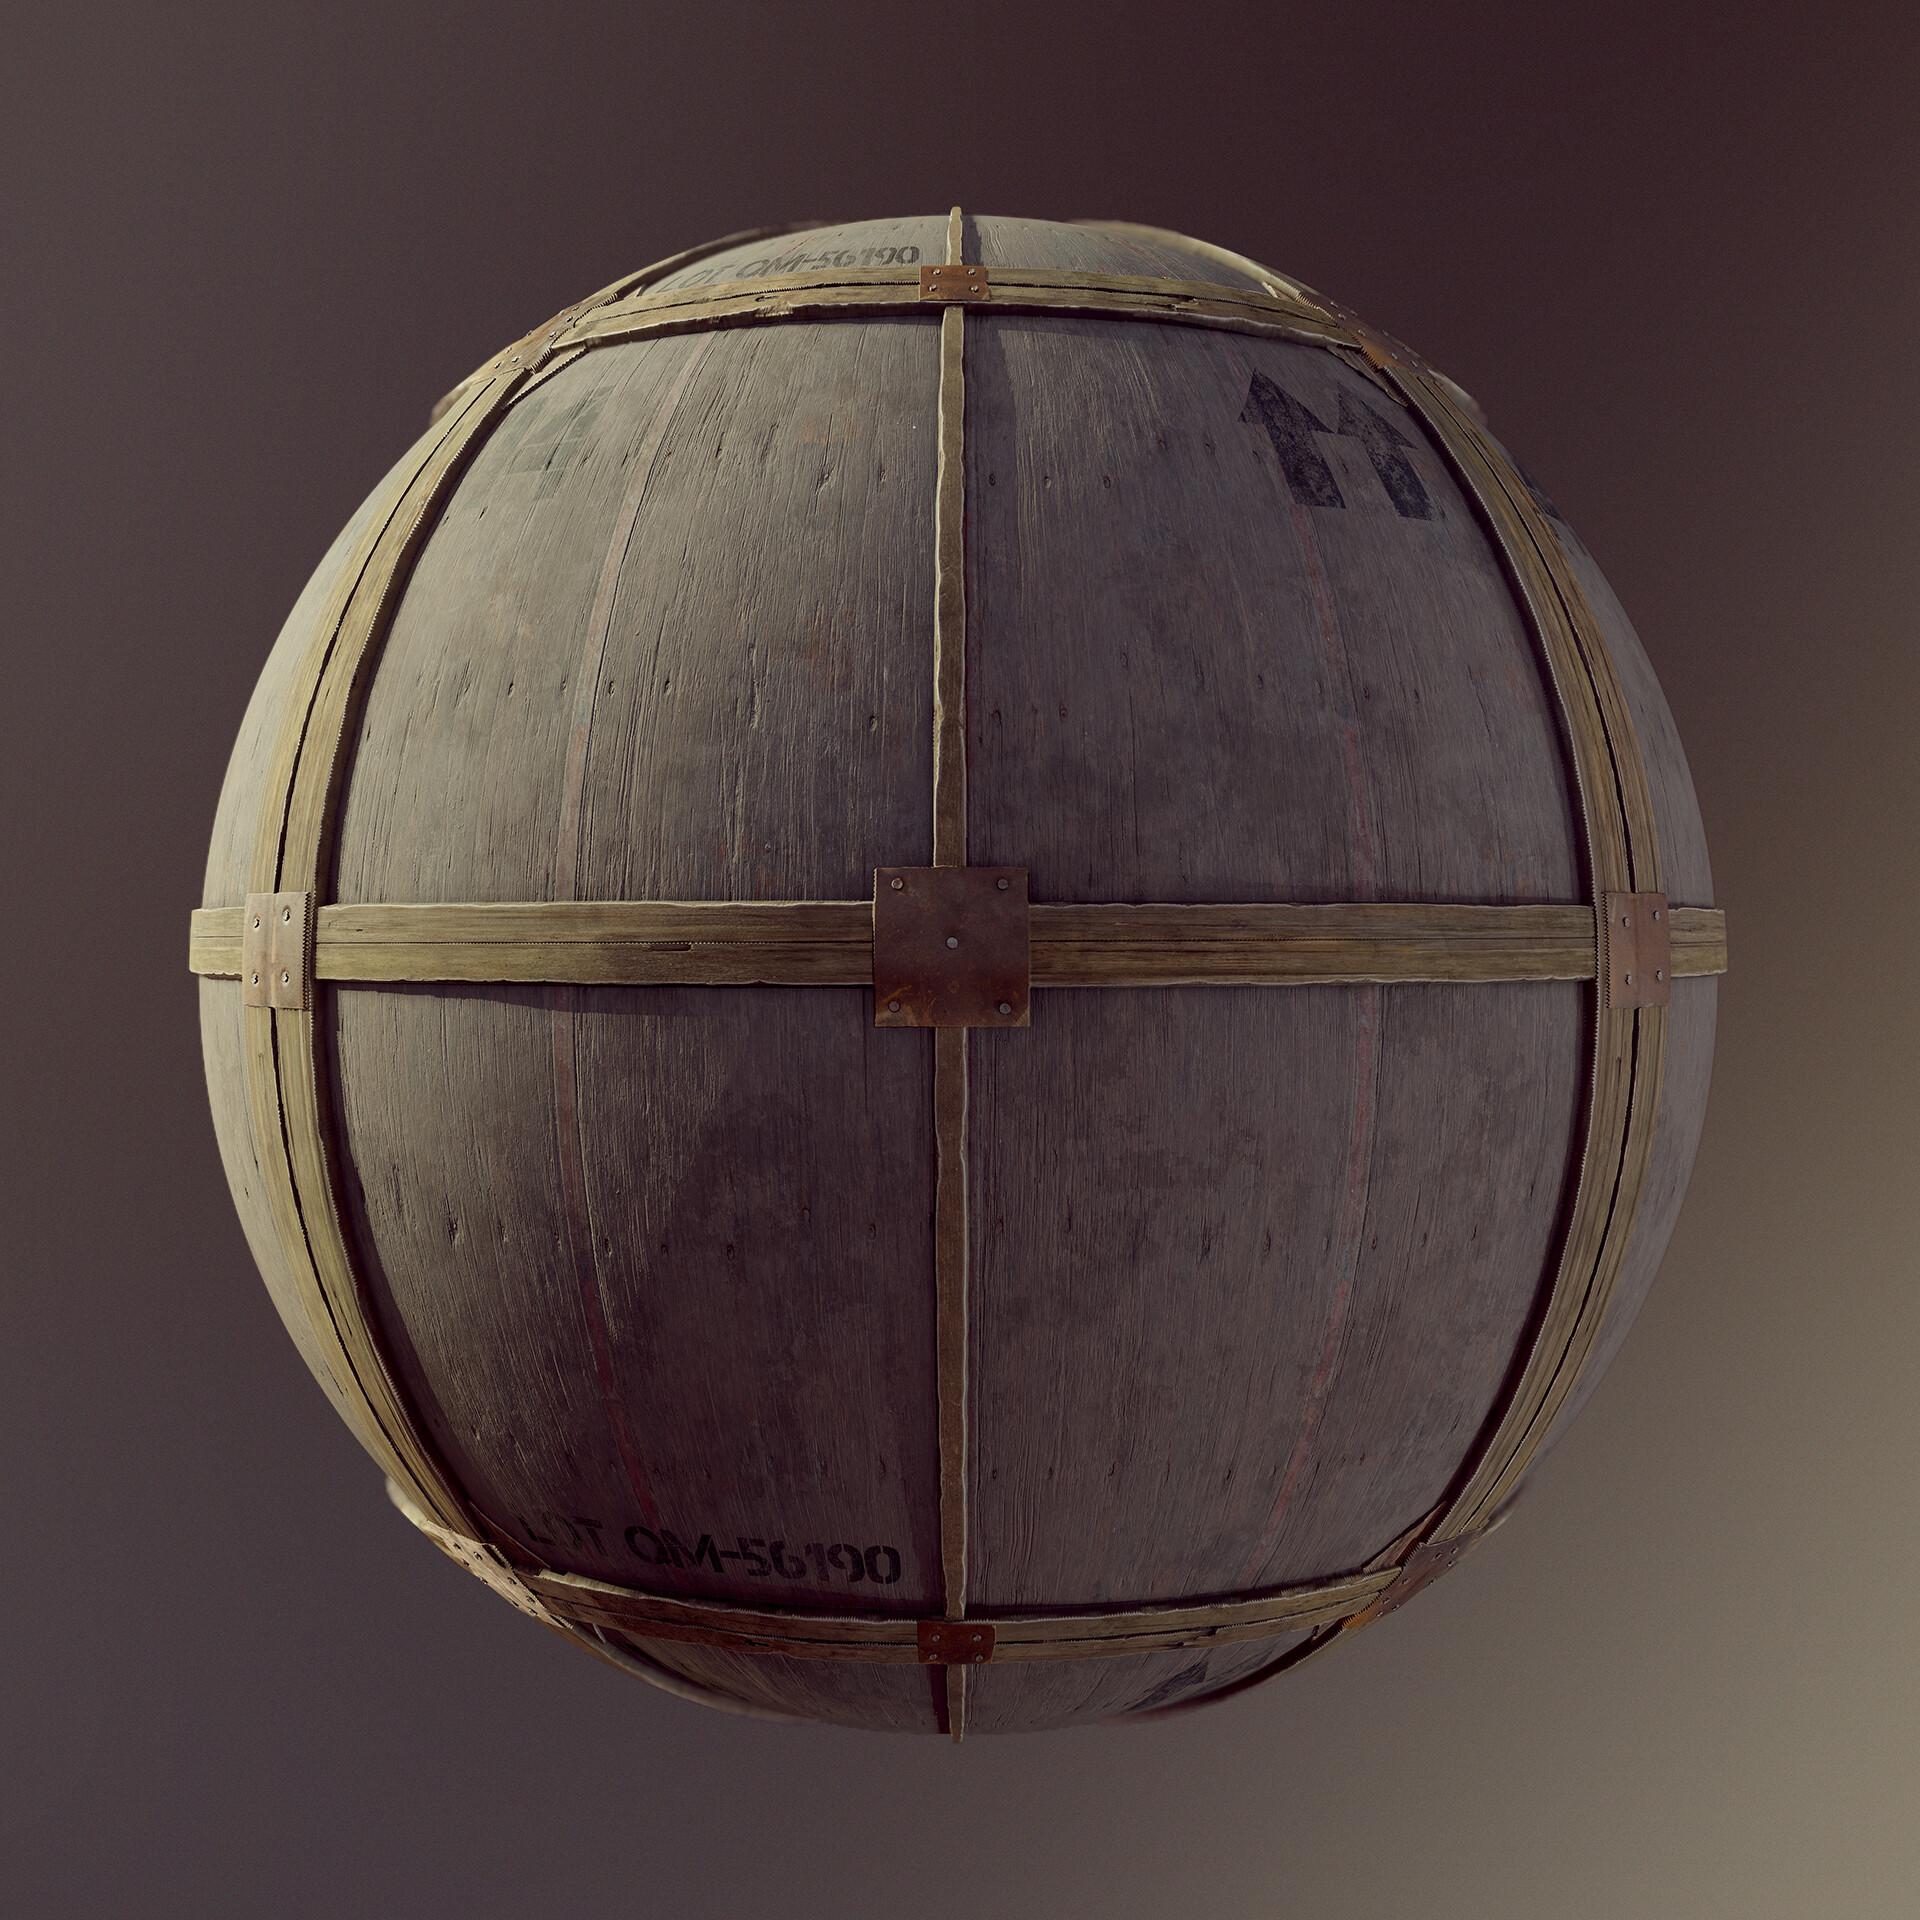 James lucas sphere